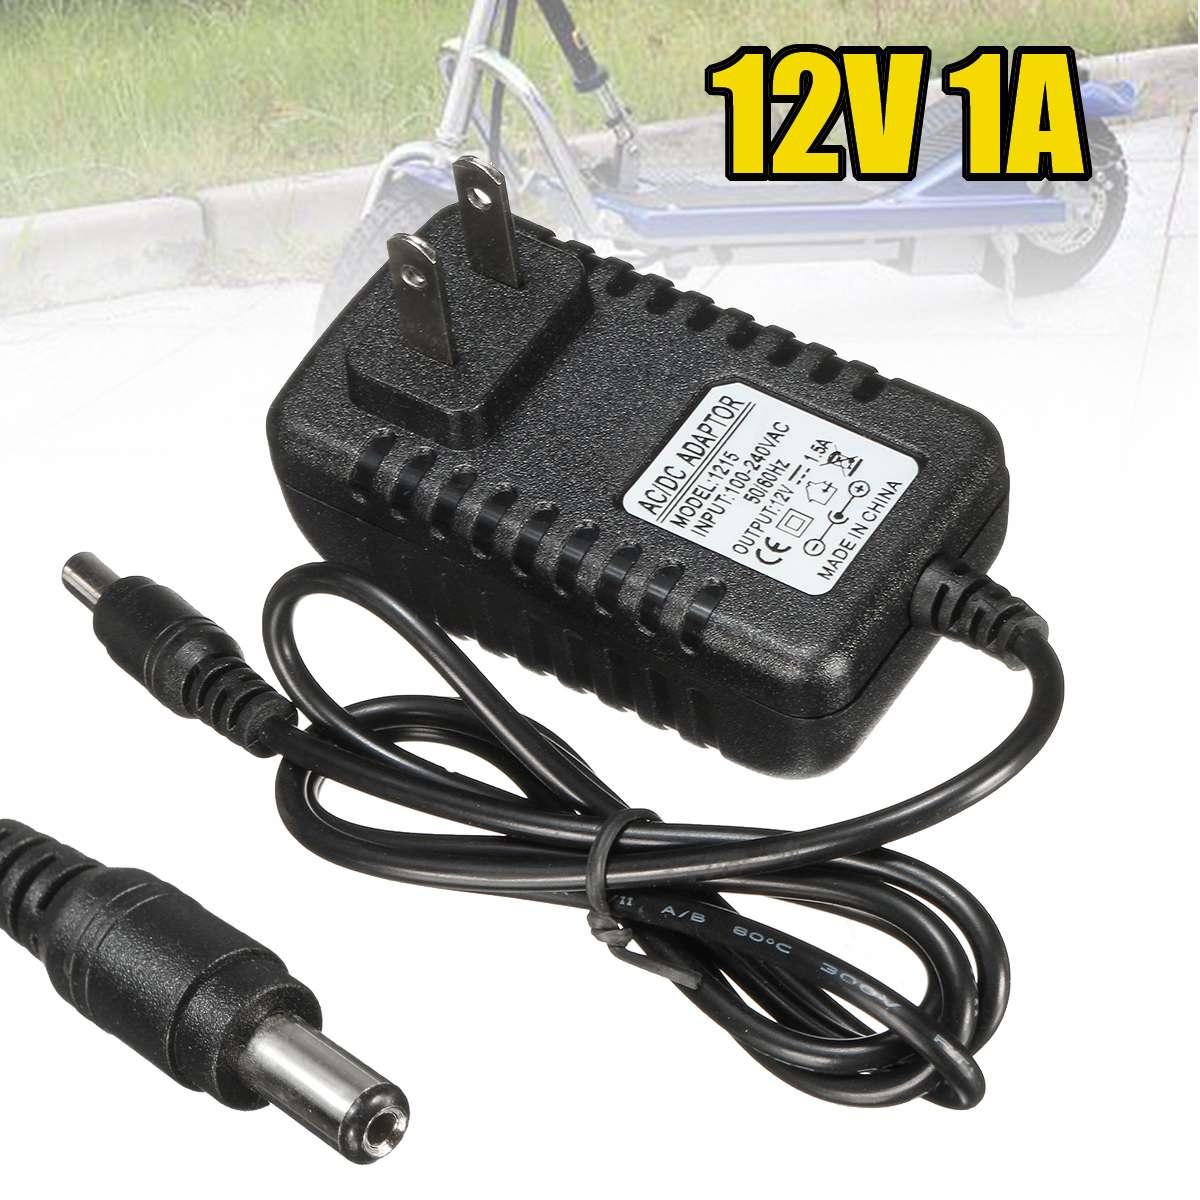 1 Stuks Zwart Ac/dc Adapter 12 V 1a Batterij Oplader Voor Kids Atv Quad Rit Op Auto 's Motorfietsen Brede VariëTeiten